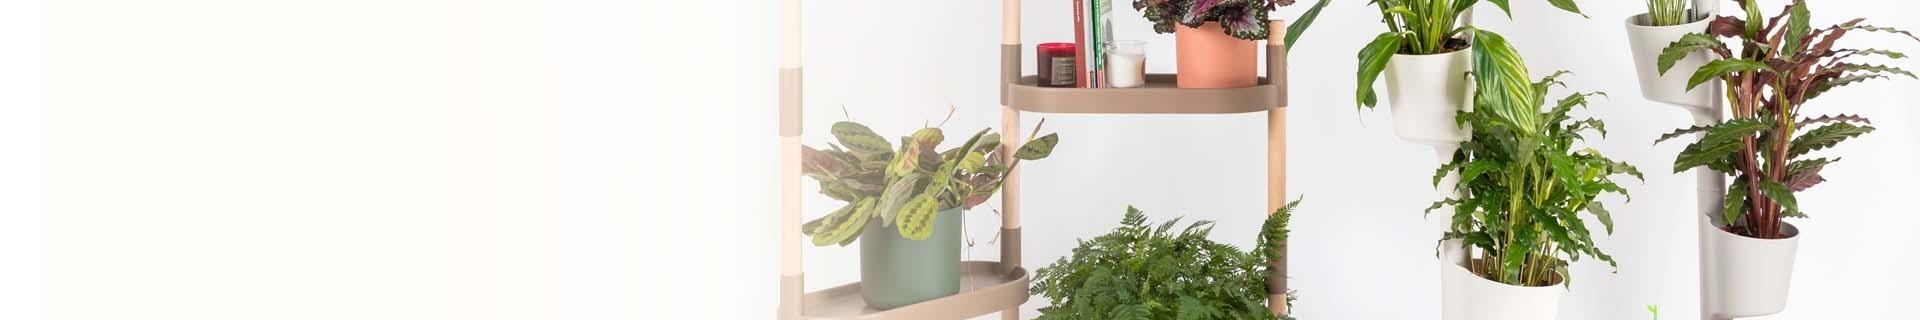 Soporte para plantas: jardín vertical, estantería para plantas y maceta de pared  | CitySens